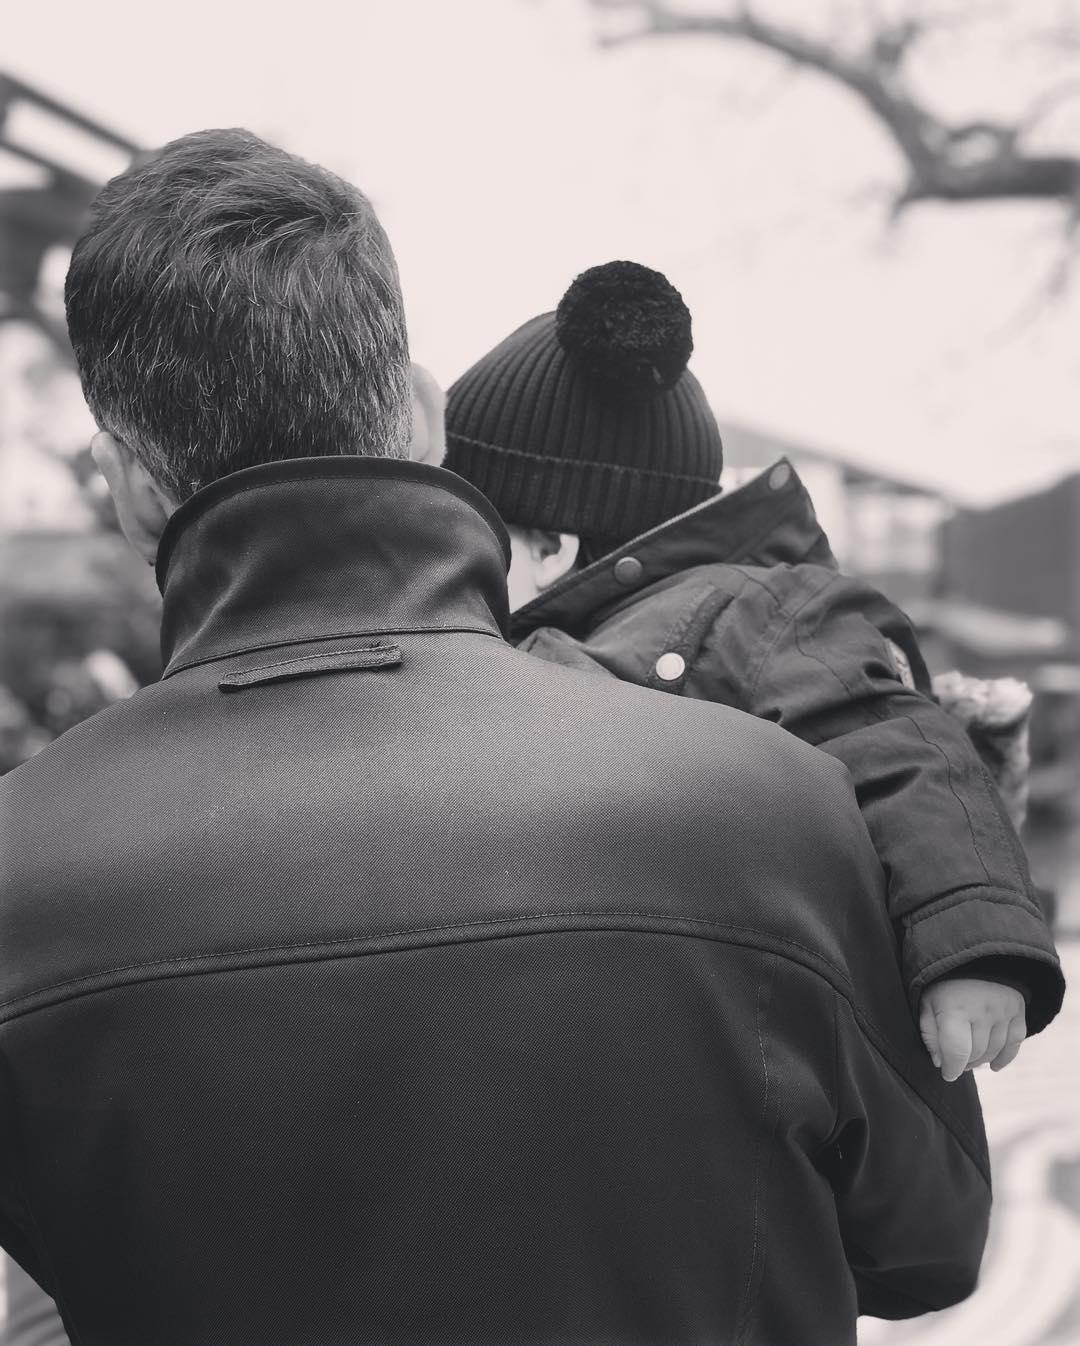 κανόνες για να βγαίνω με τον γιο μου σεξιστικό